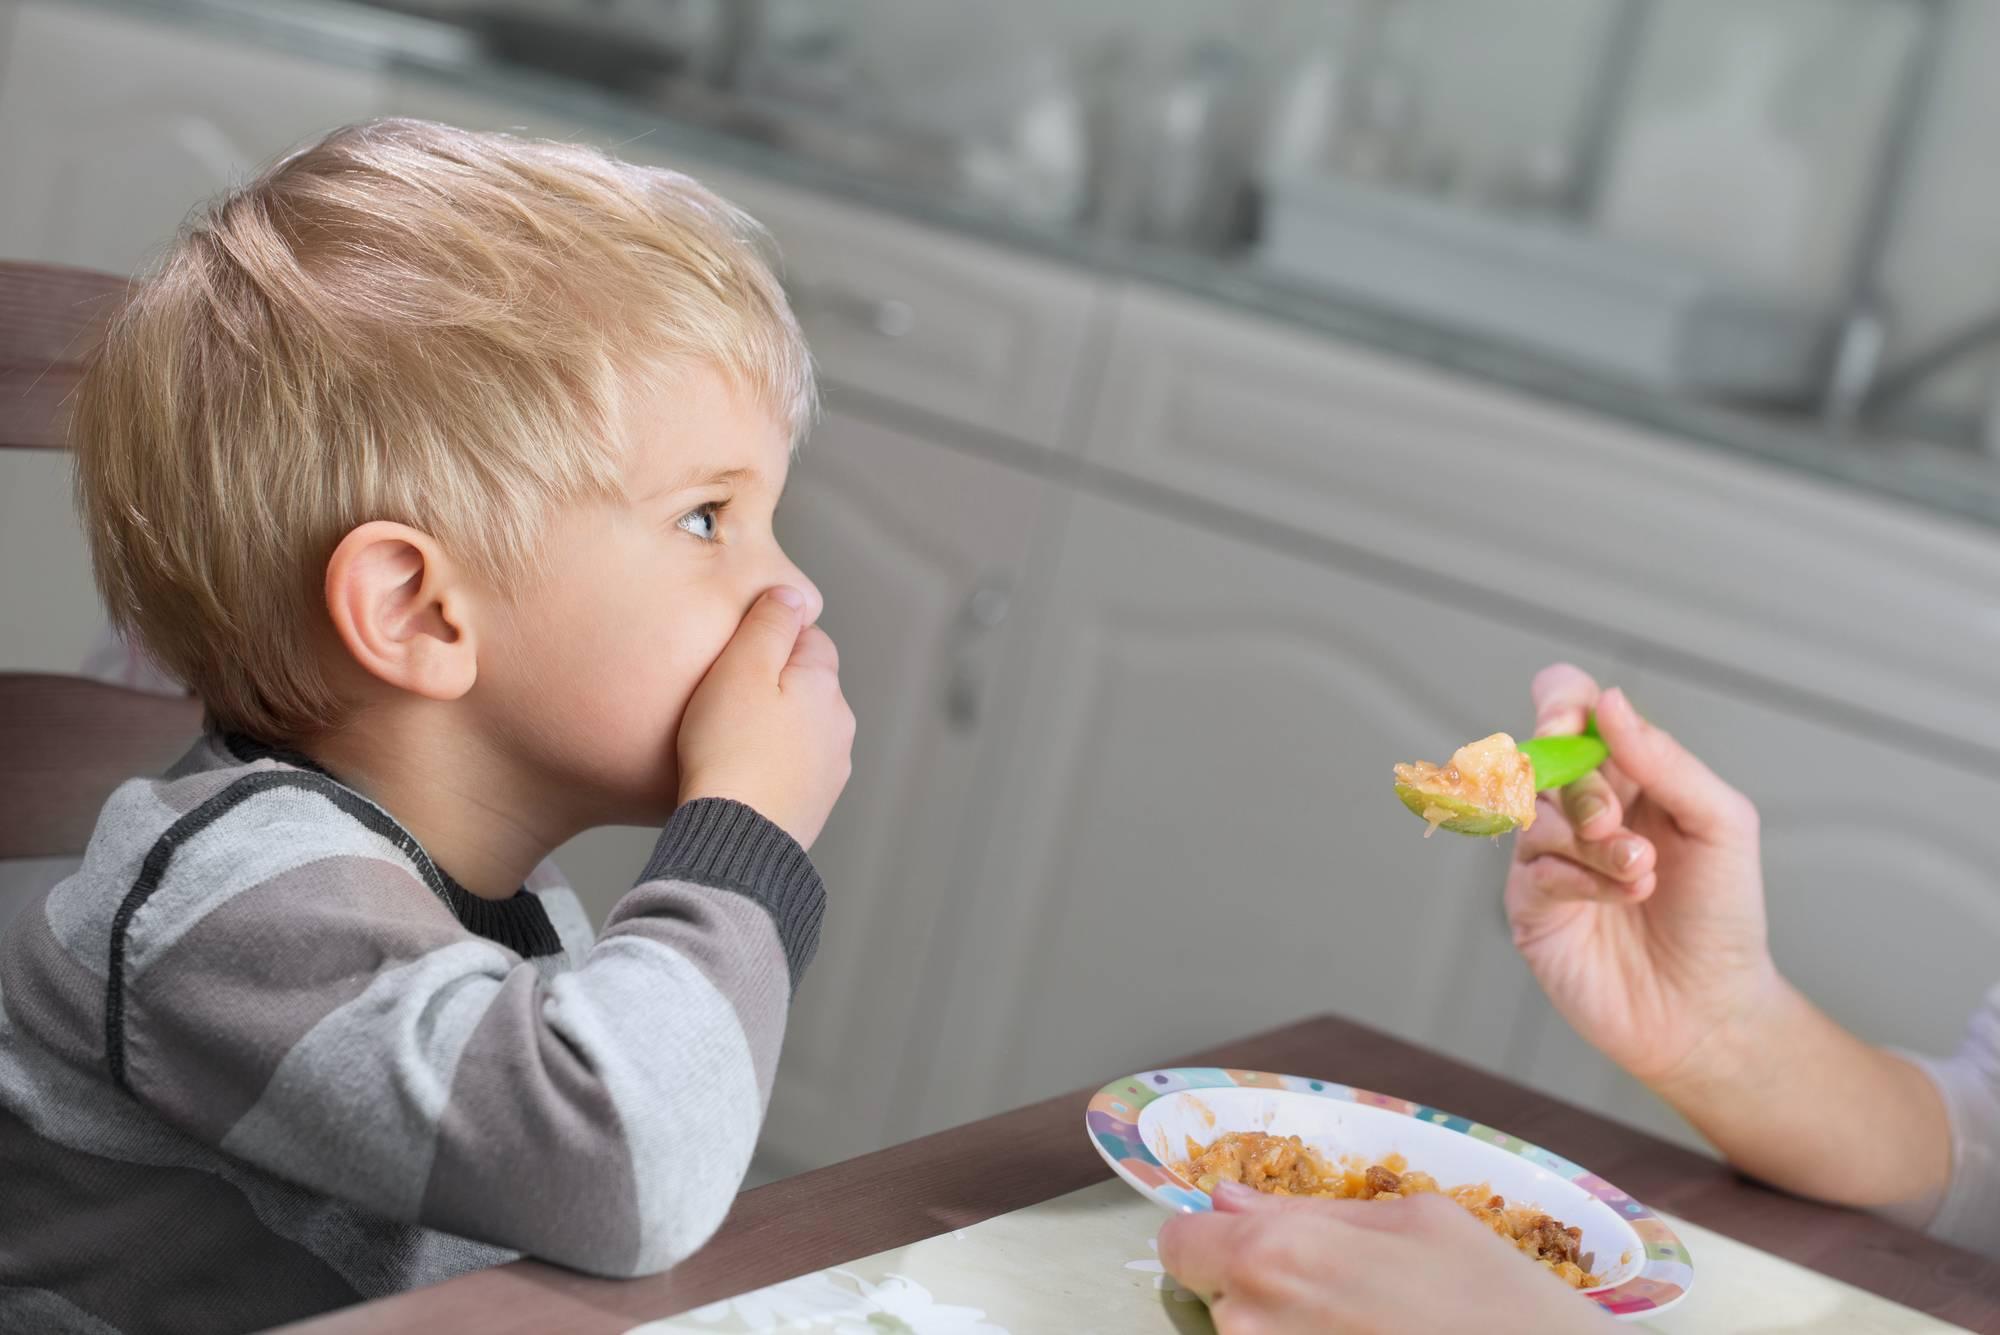 Плохой аппетит у ребенка, ребенок отказывается от еды, не ест прикорм – что делать?